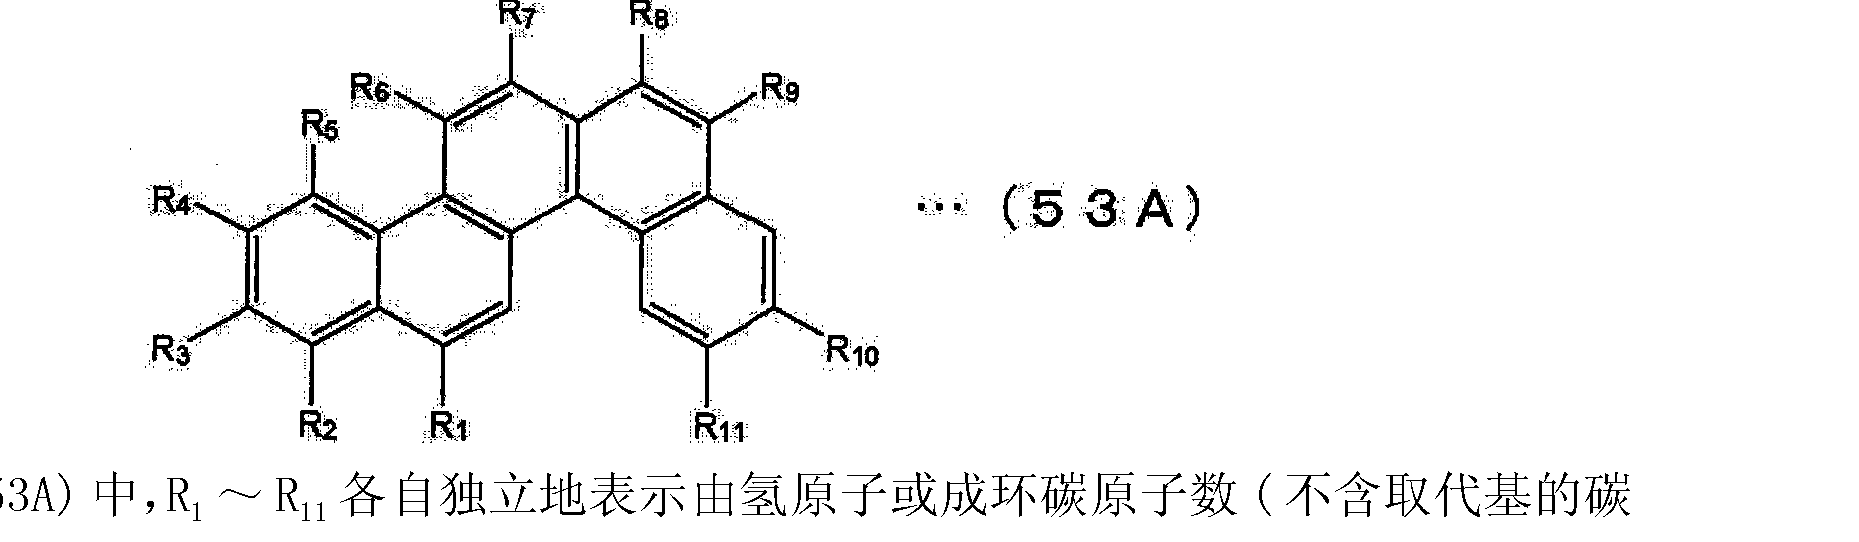 Figure CN101874316BD00311